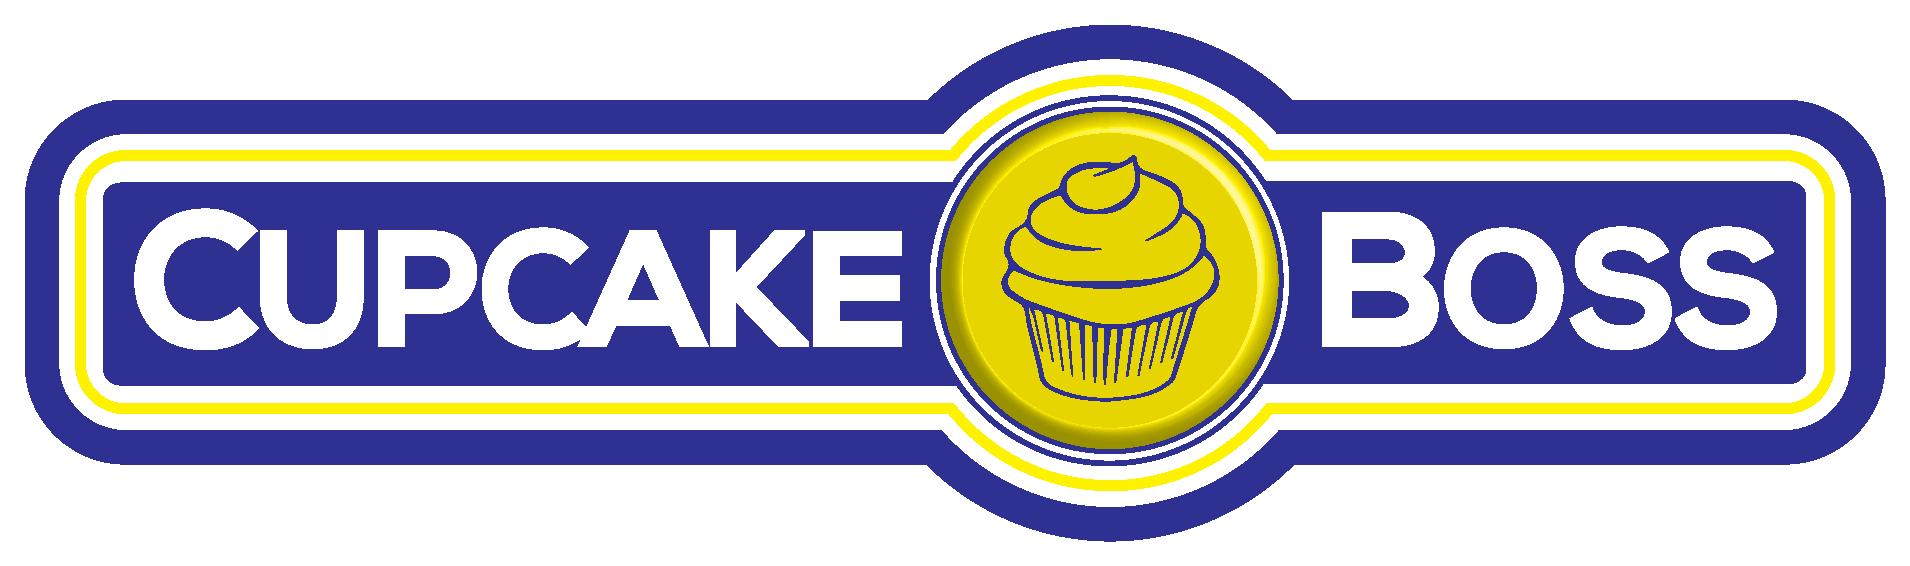 Cupcake Boss